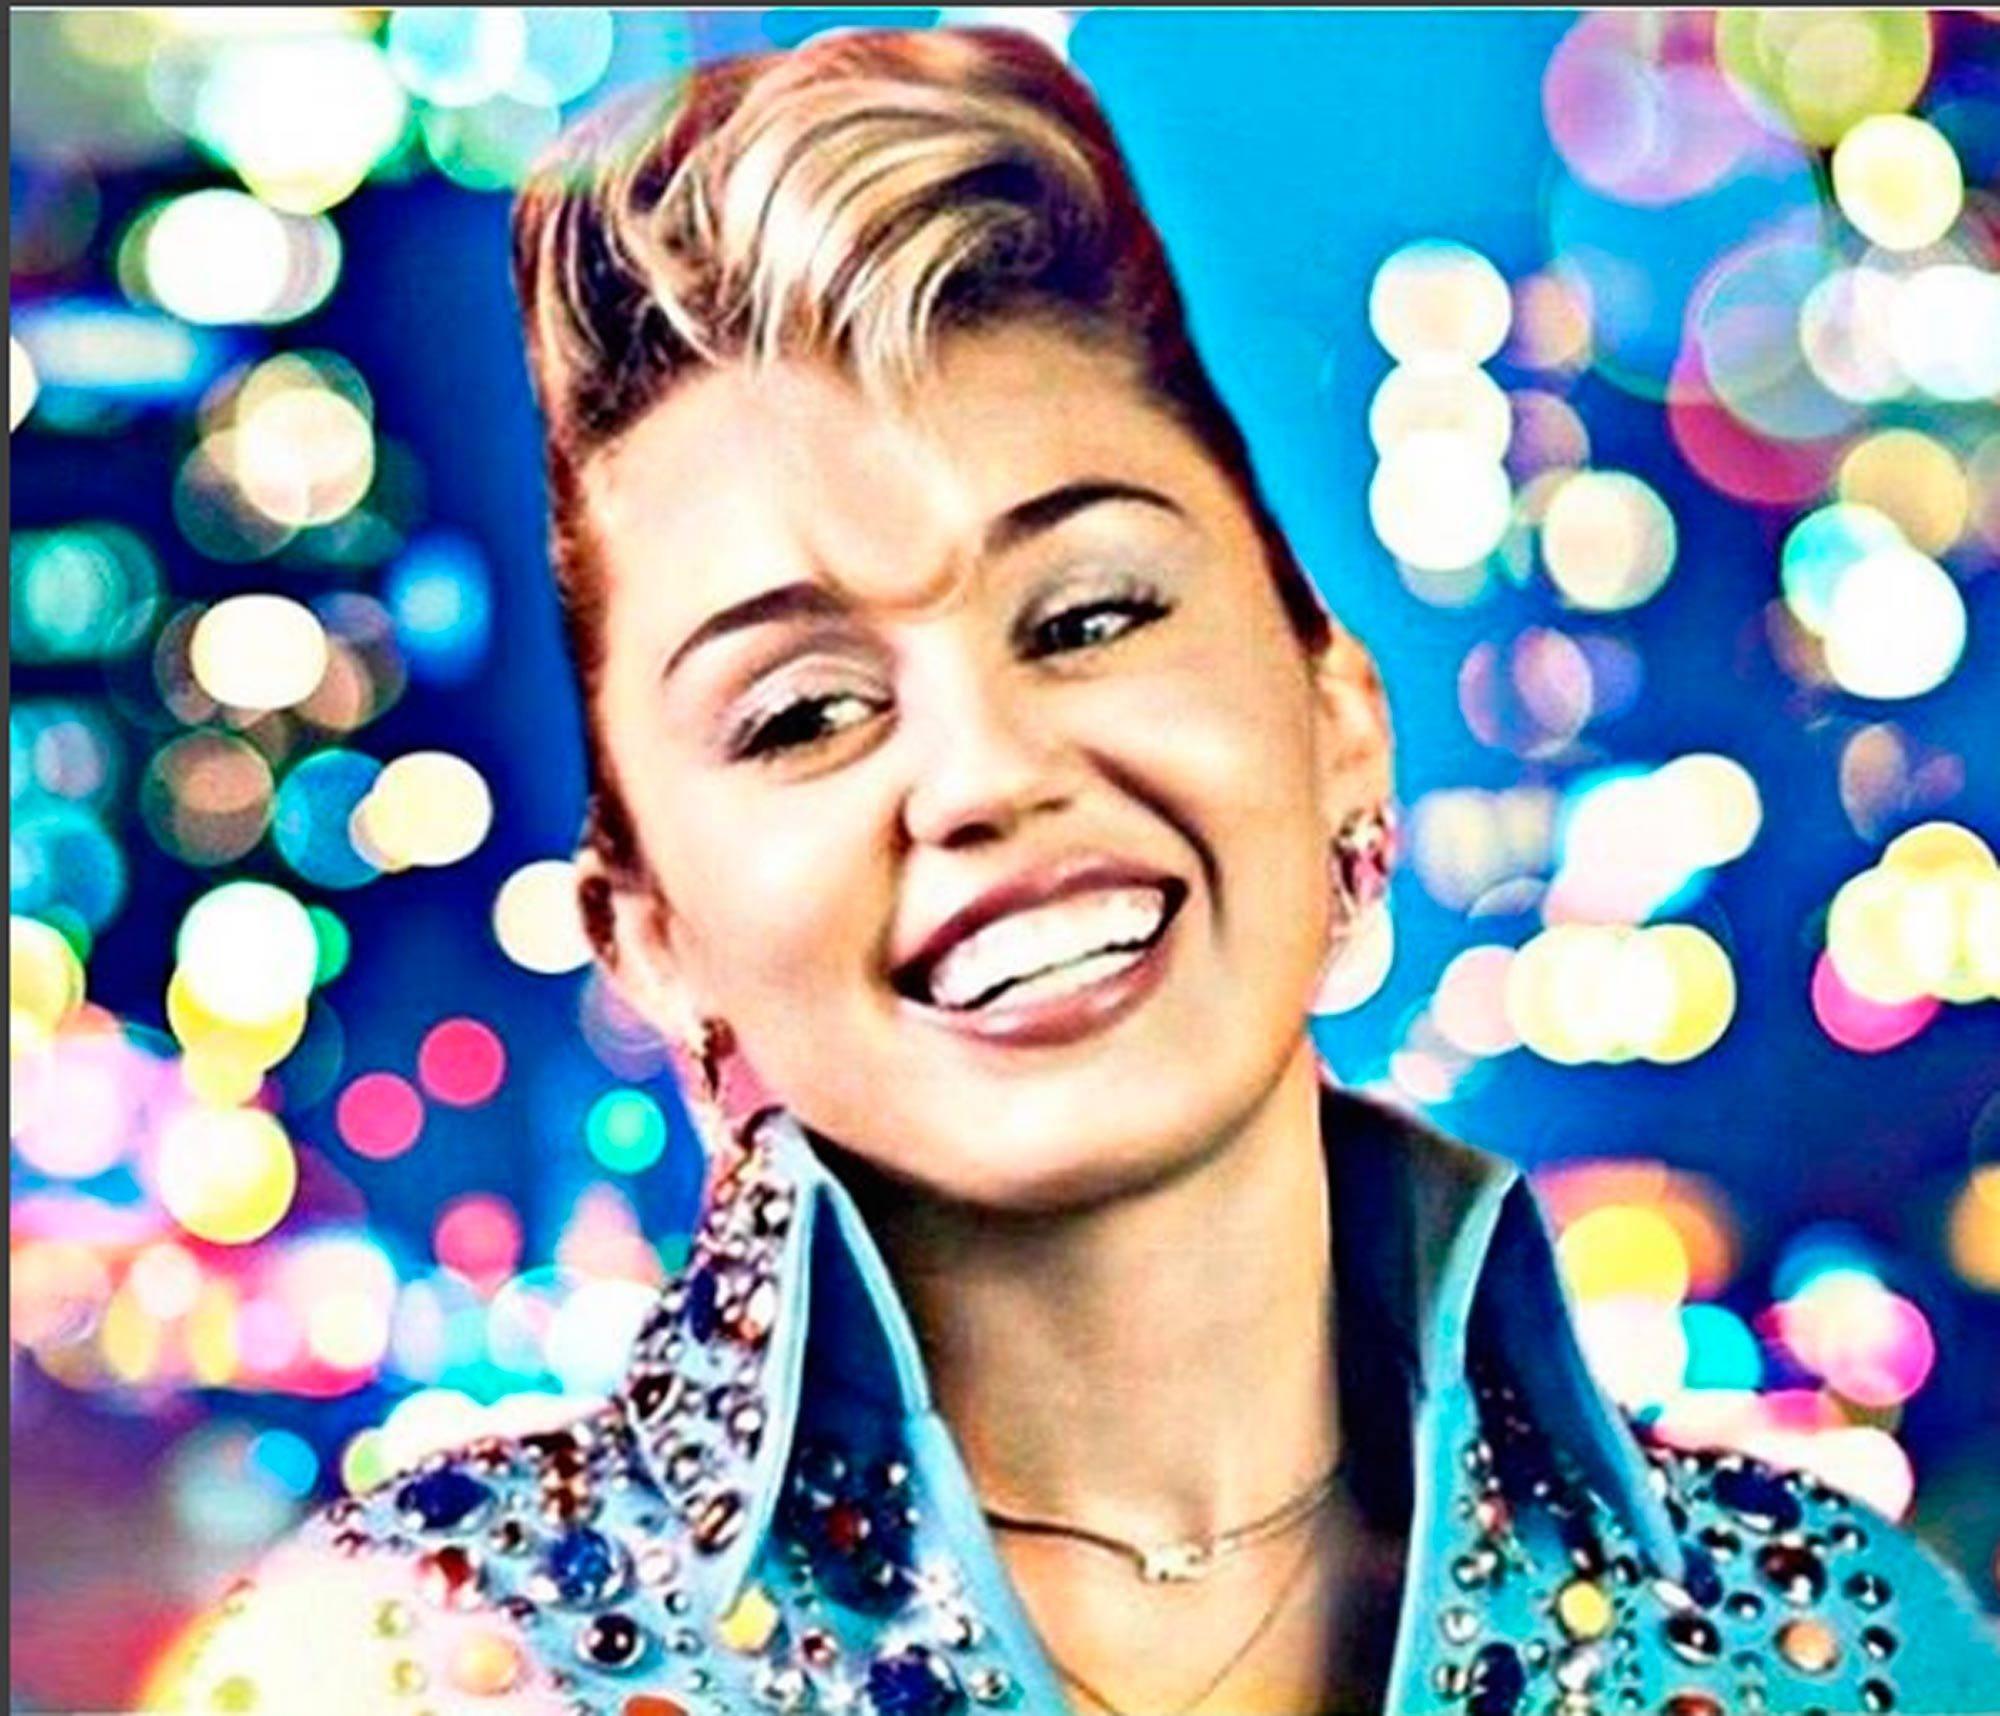 Miley Cyrus com cabelos curtos e topete loiro